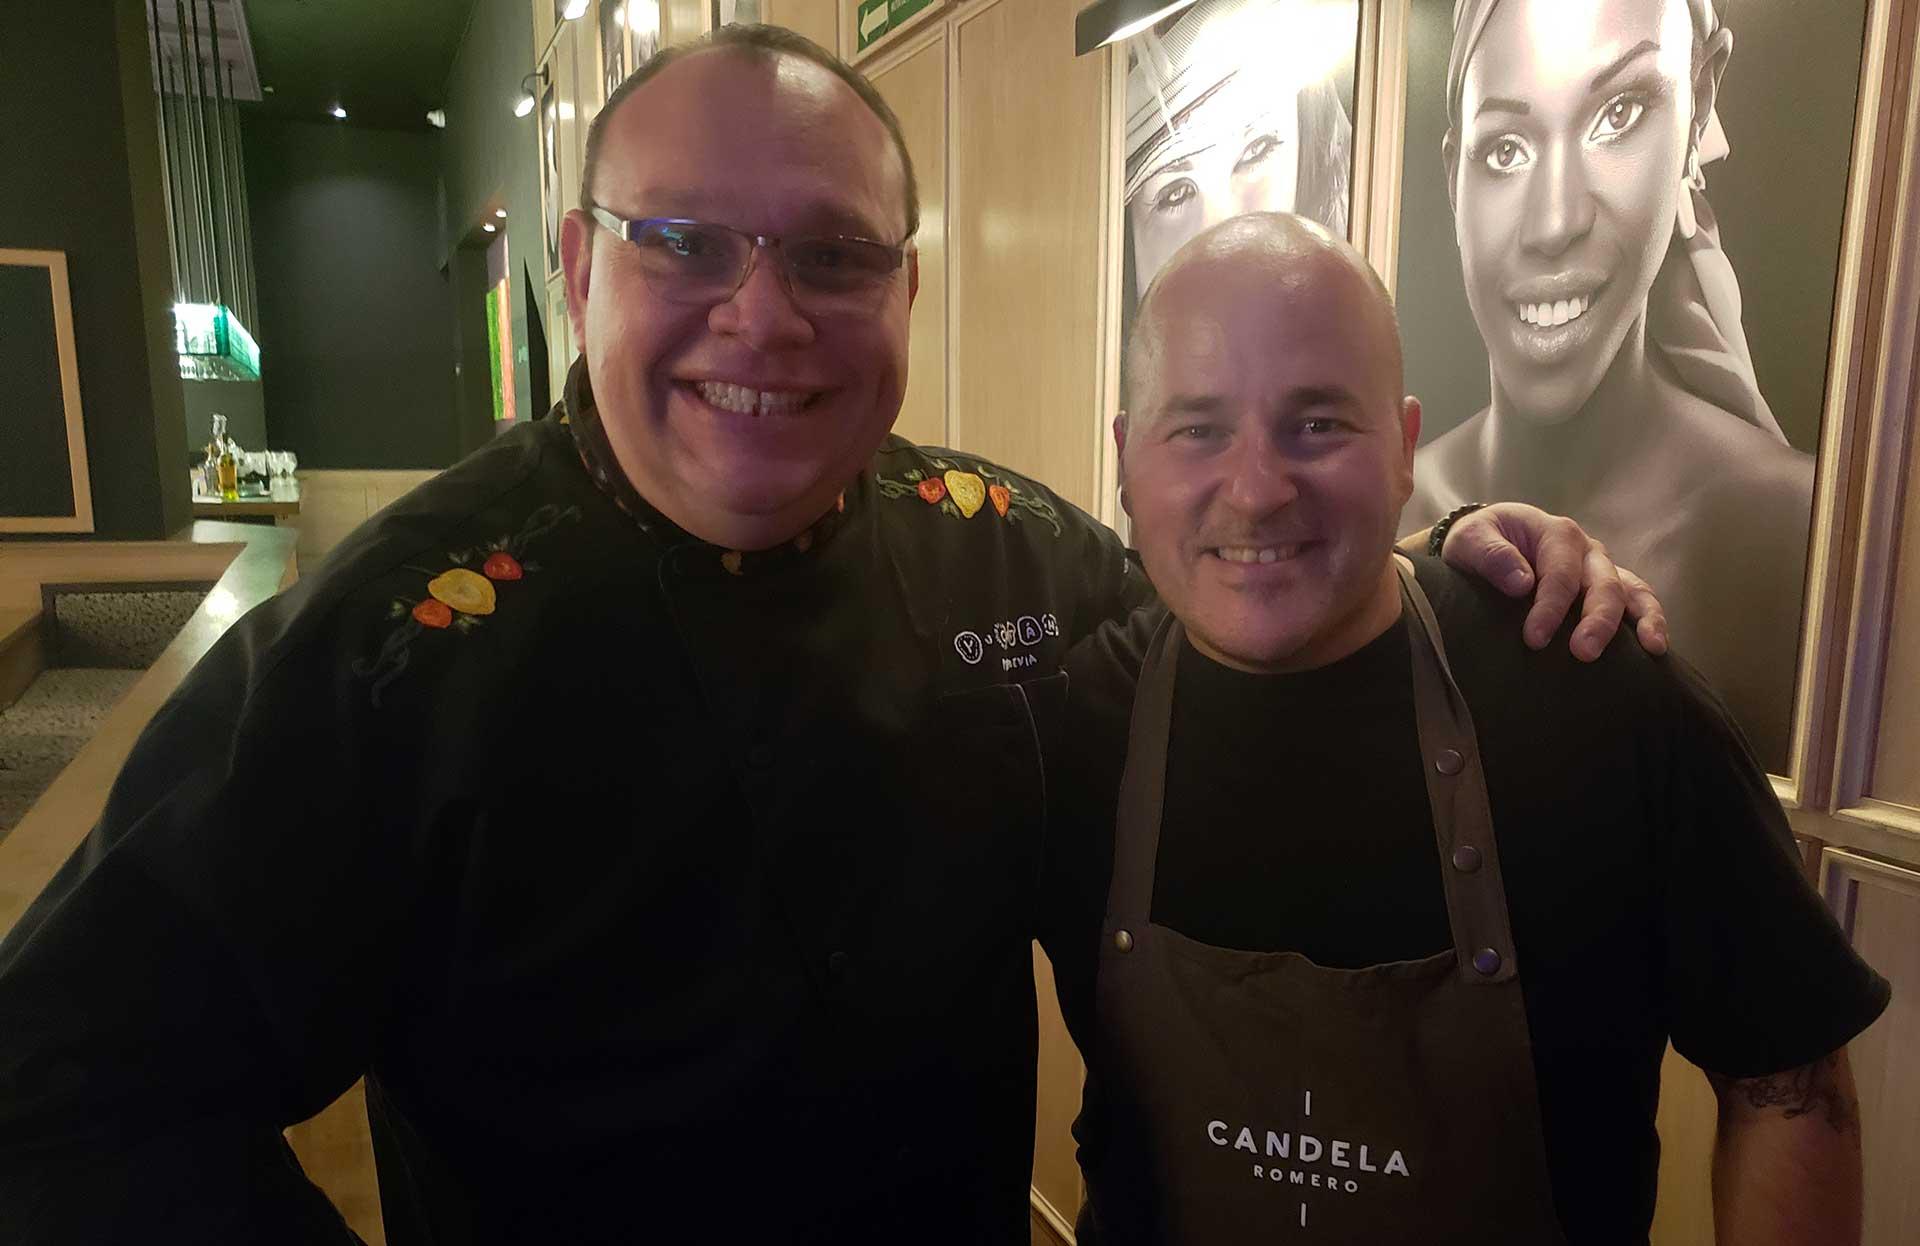 restaurante Candela y Romero